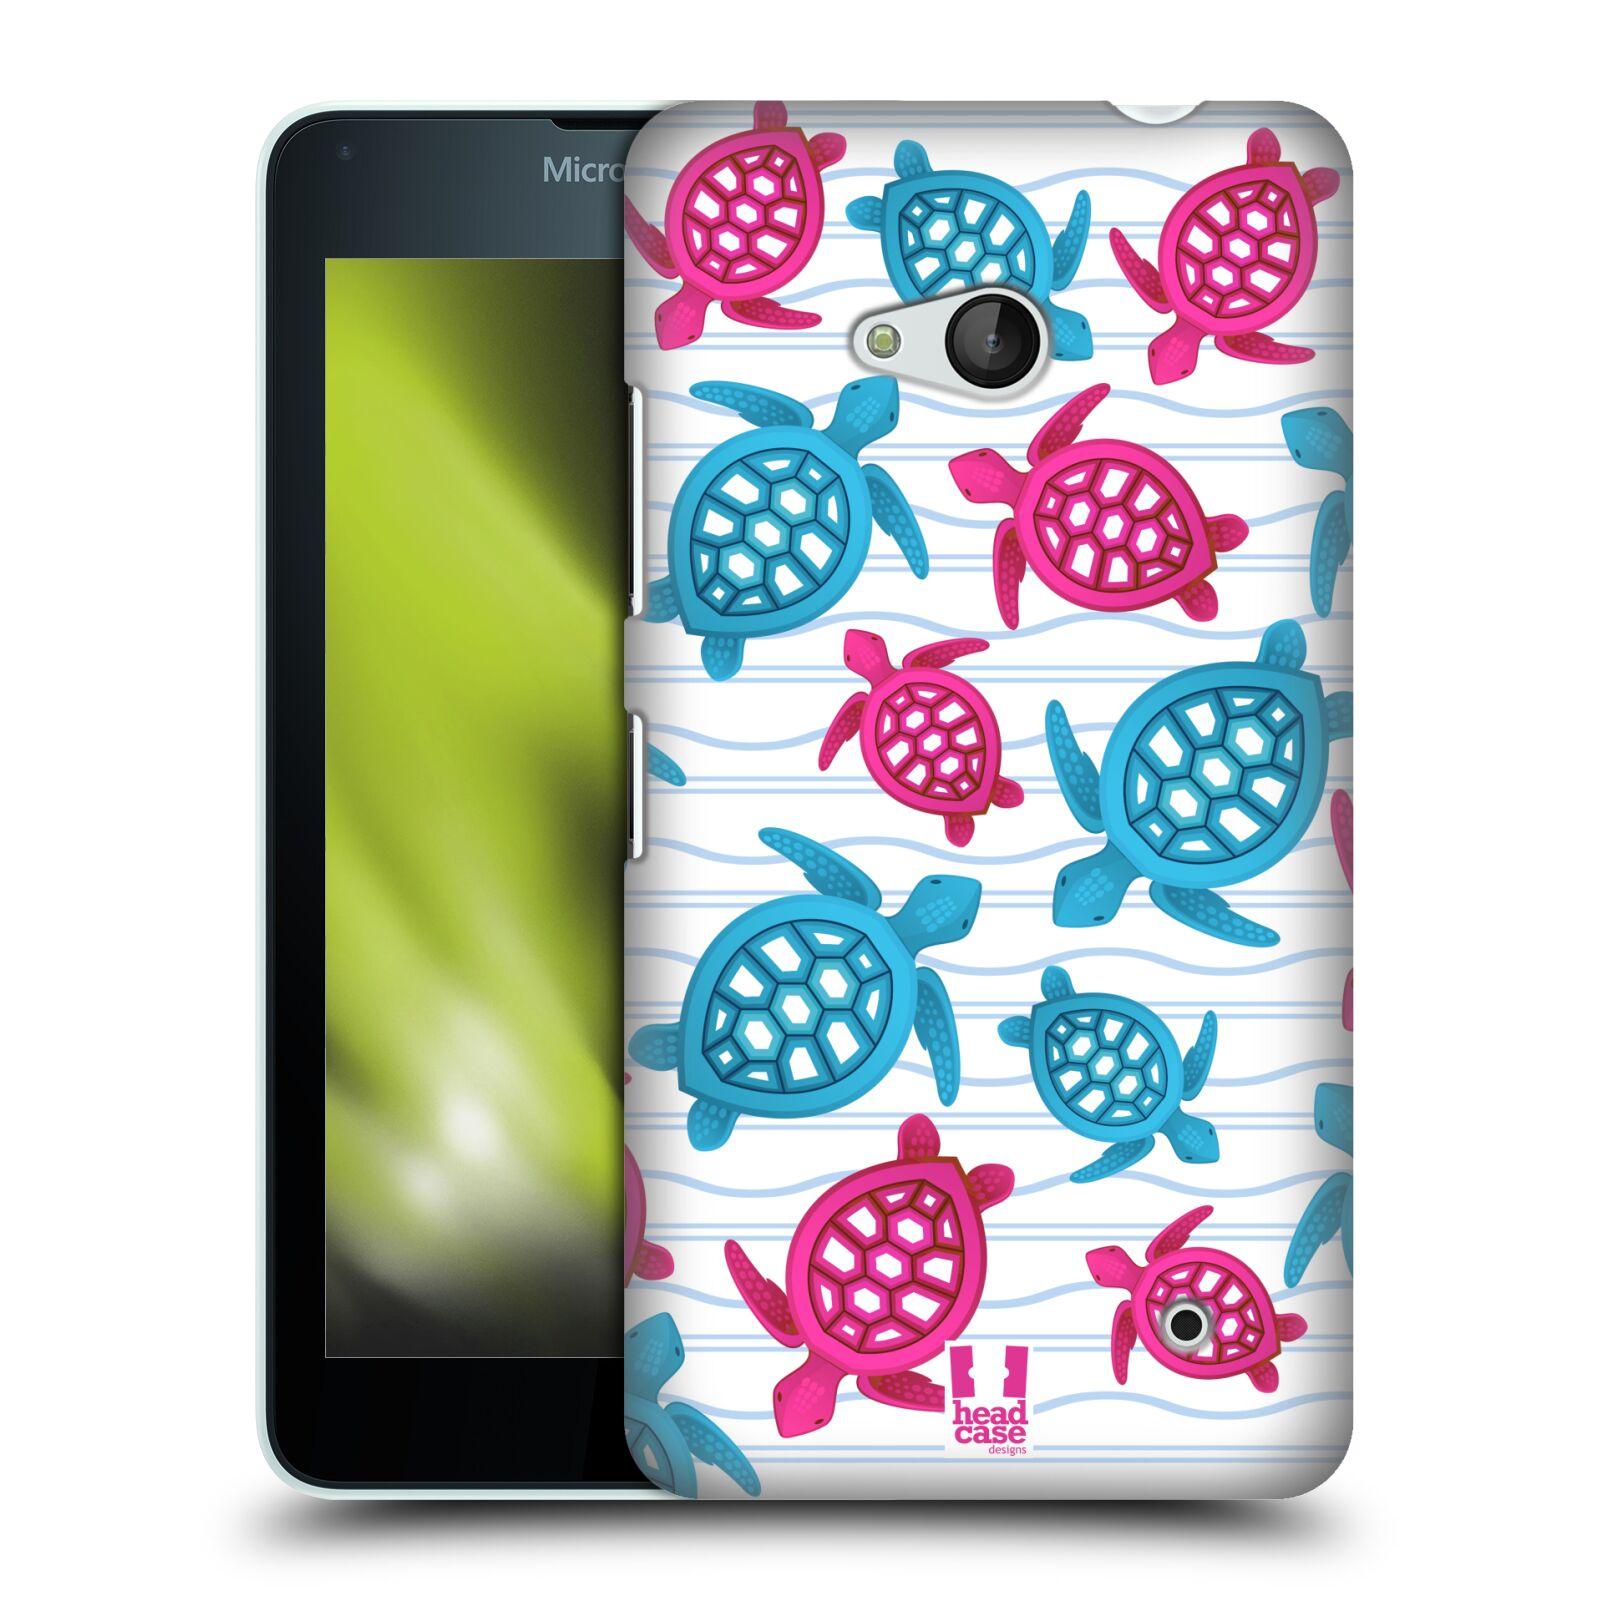 HEAD CASE plastový obal na mobil Nokia Lumia 640 vzor mořský živočich želva modrá a růžová